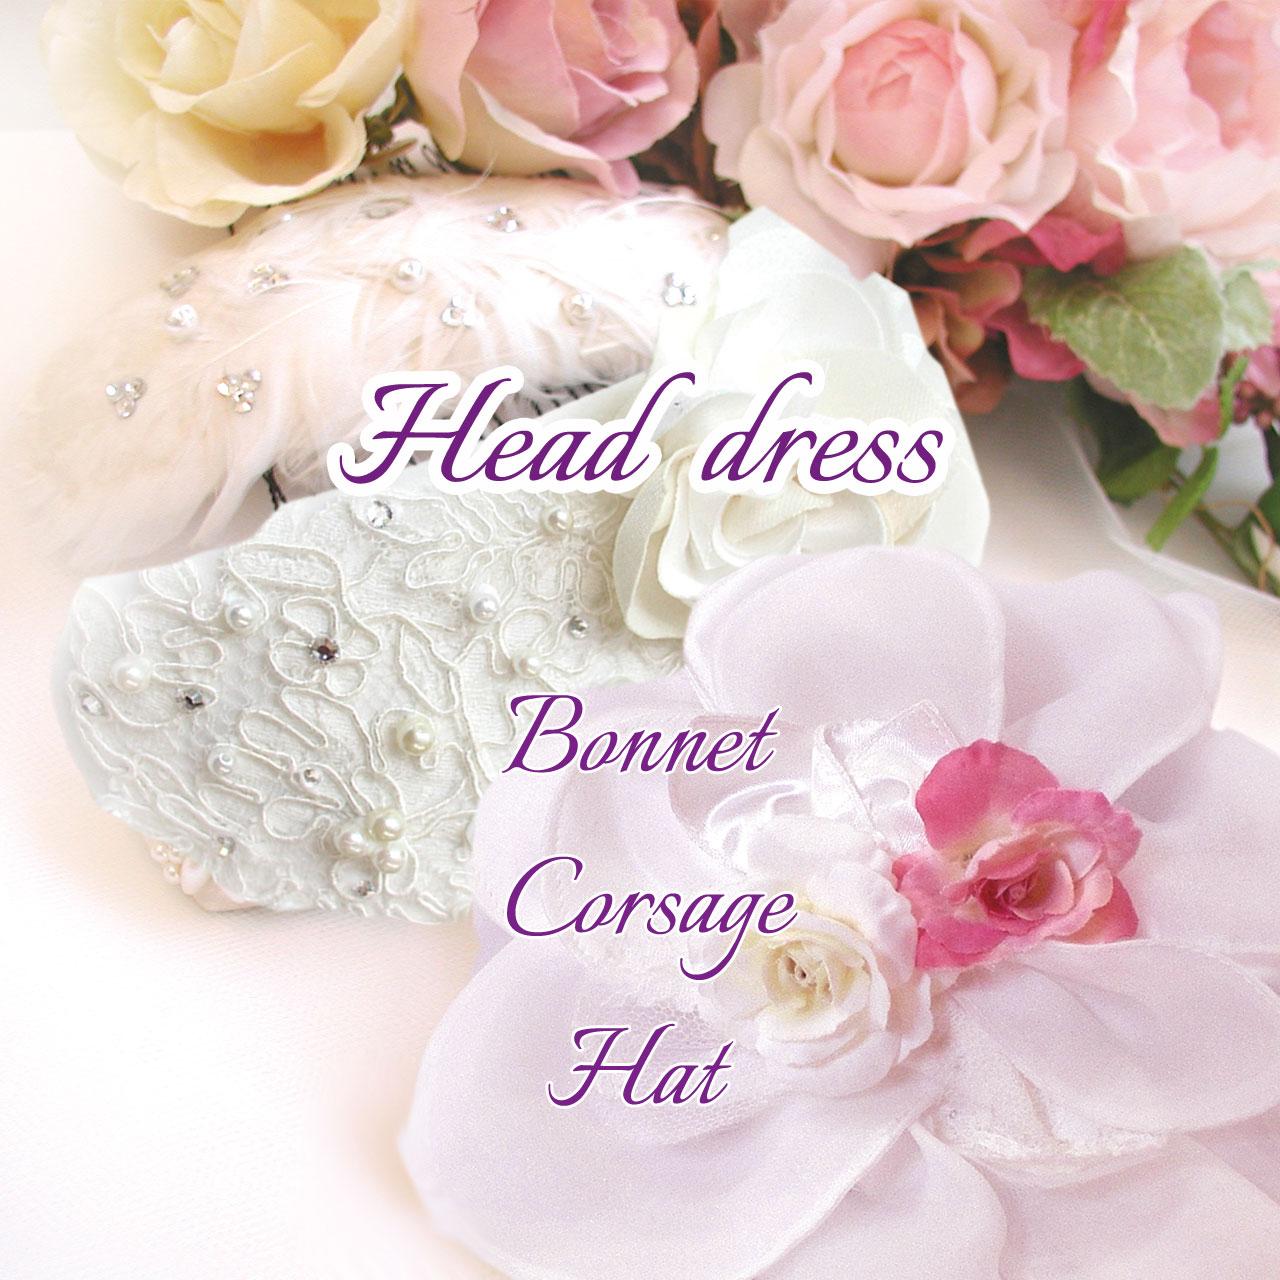 ドレス小物のヘッドドレス